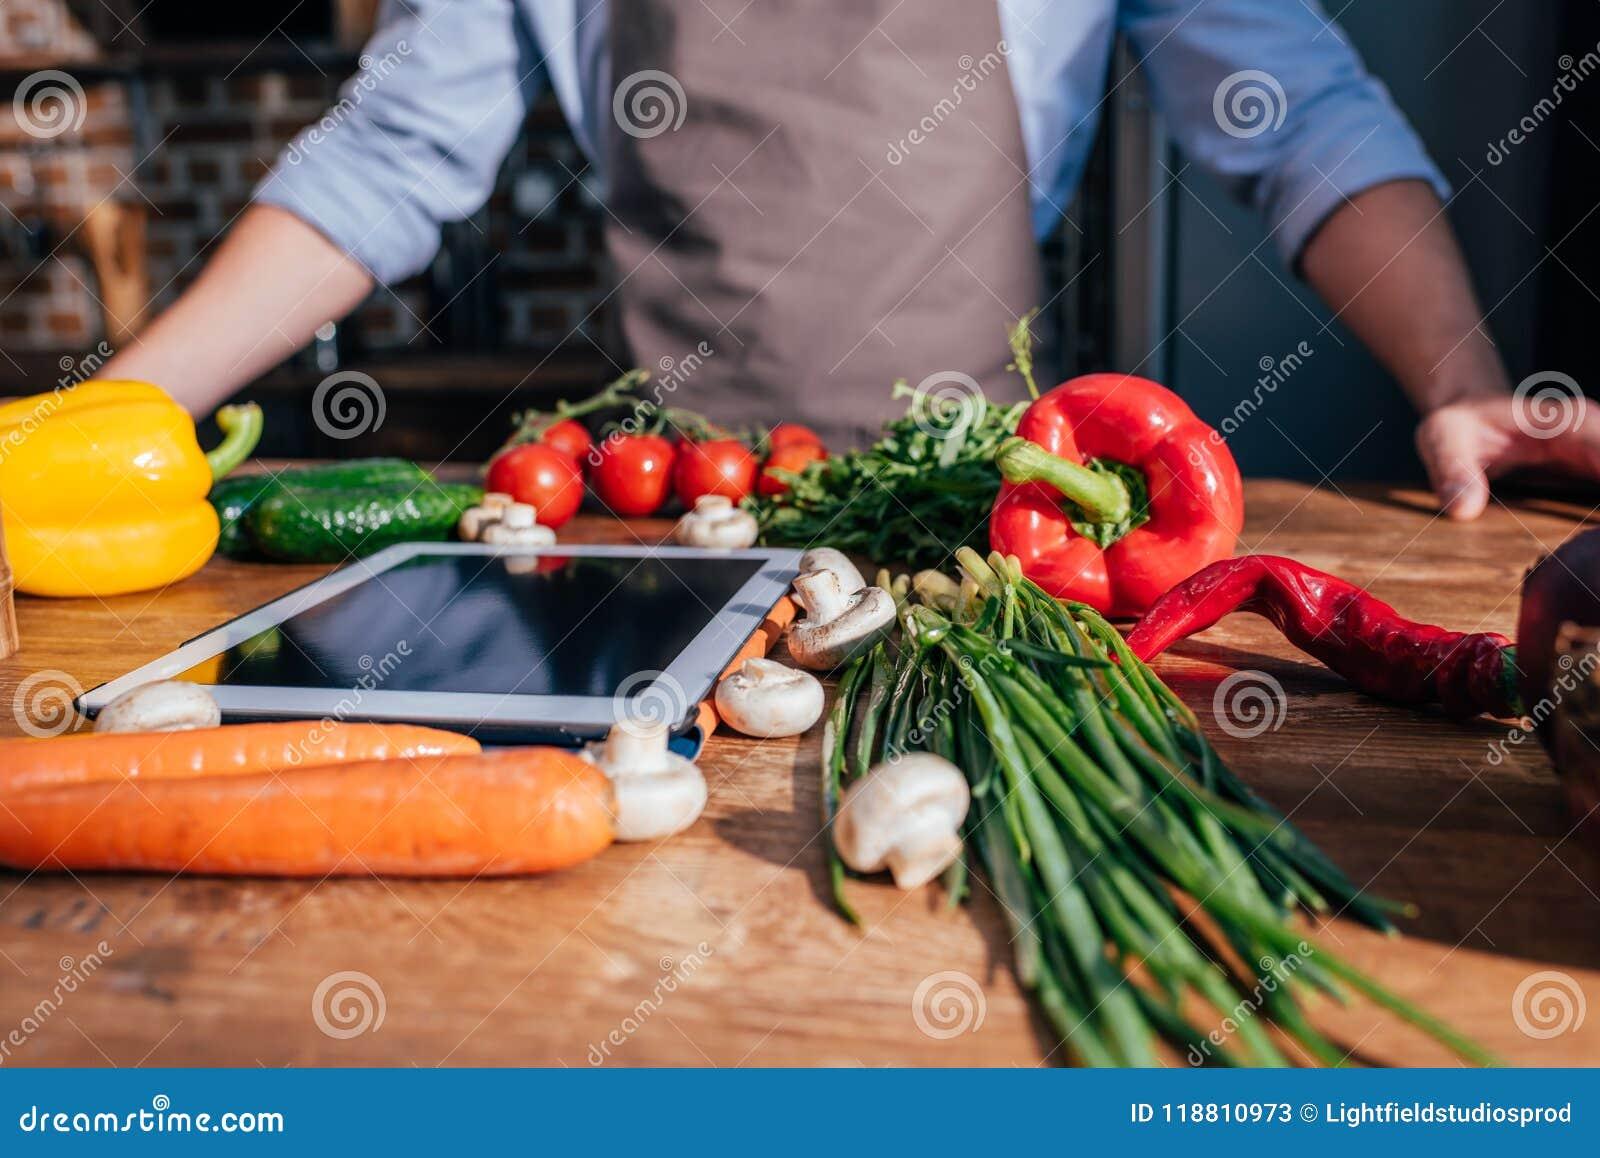 Närbilden sköt av matlagning för ung man med minnestavlan